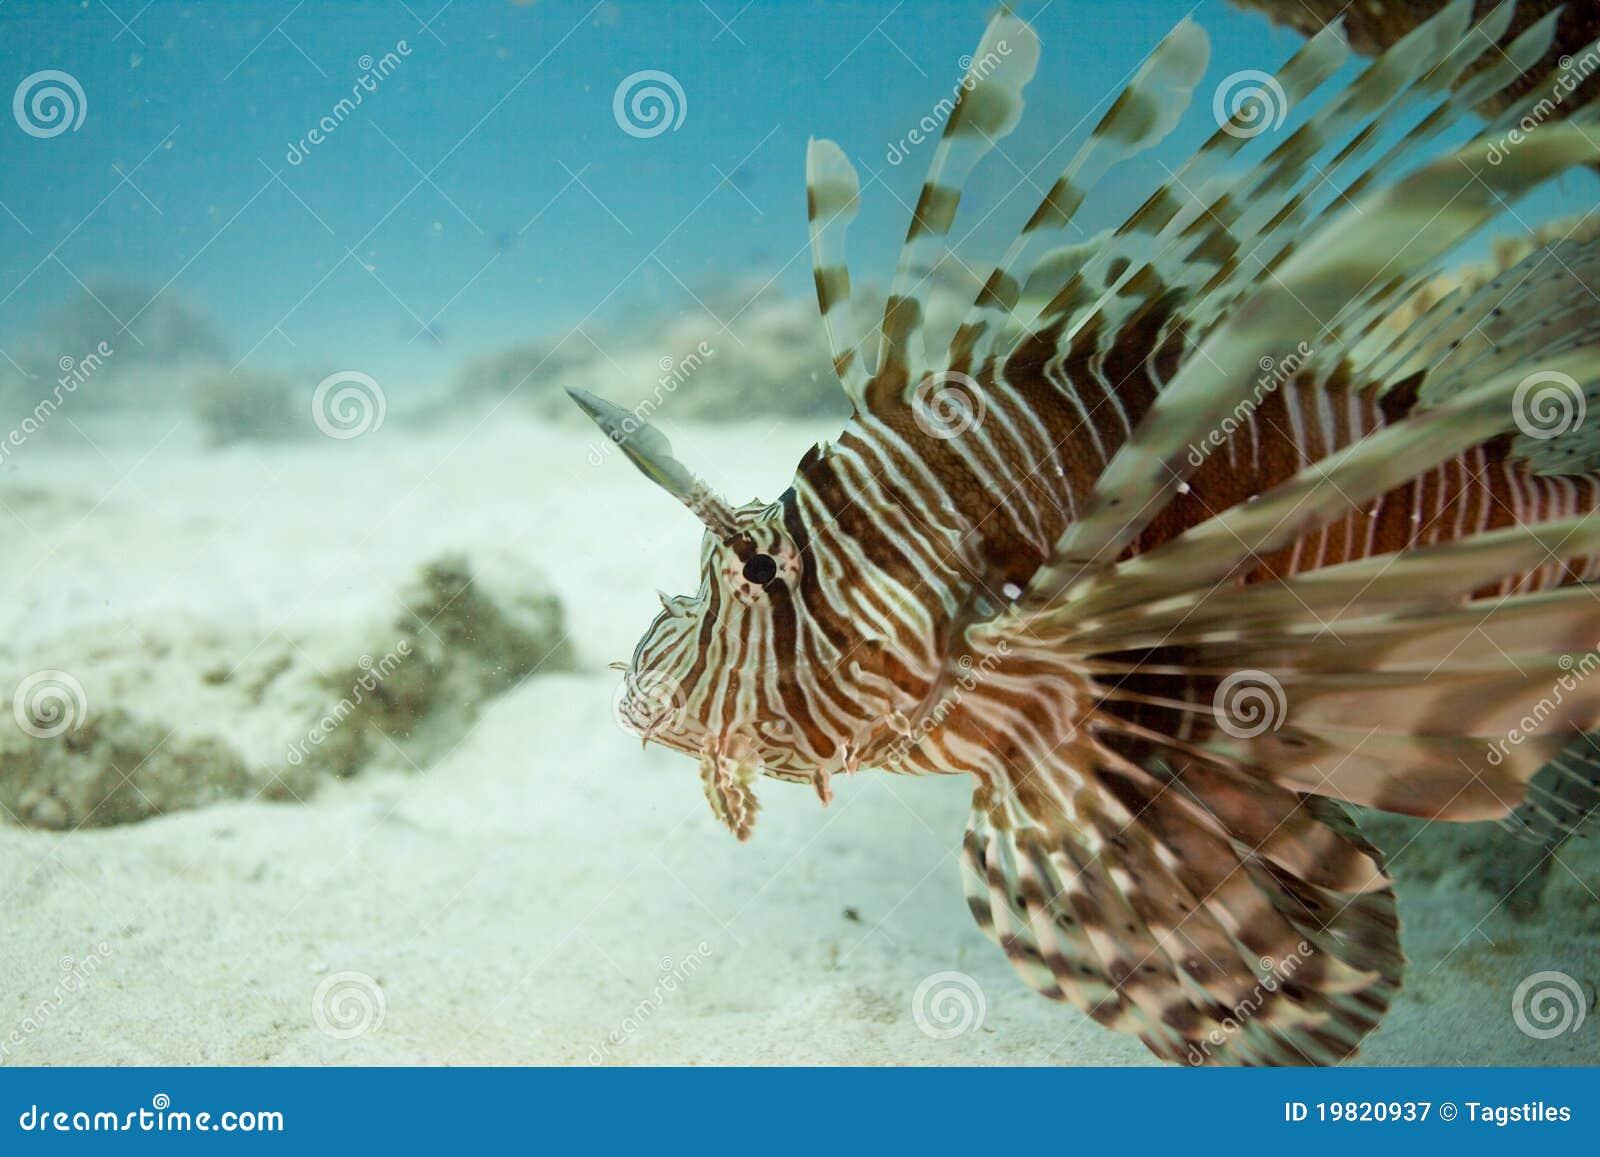 Download Löwefische stockbild. Bild von feiertage, sand, ozean - 19820937